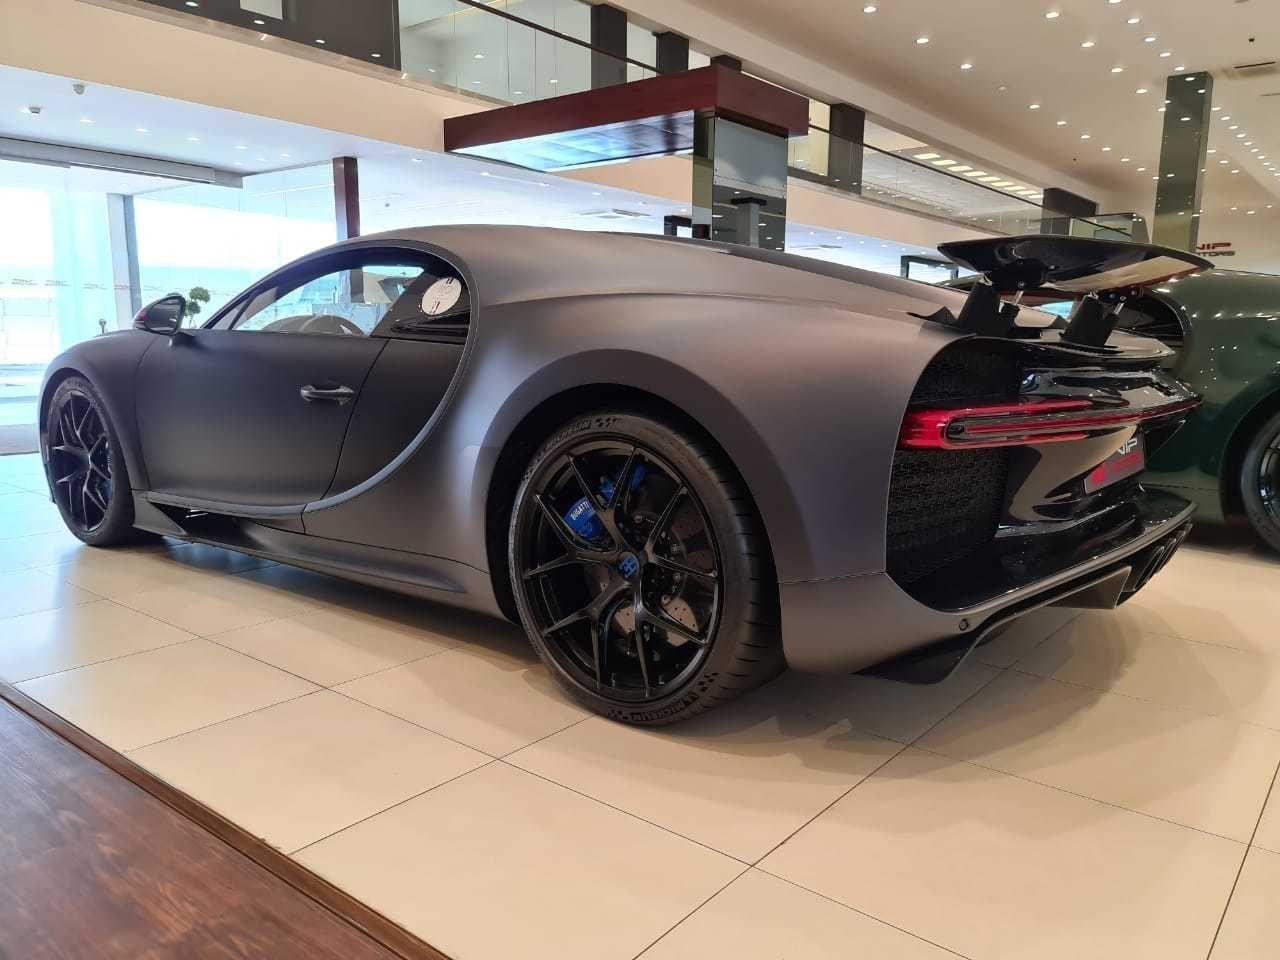 2020 Bugatti Chiron In Dubai United Arab Emirates For Sale 10995953 Bugatti Chiron Used Luxury Cars Luxury Cars For Sale